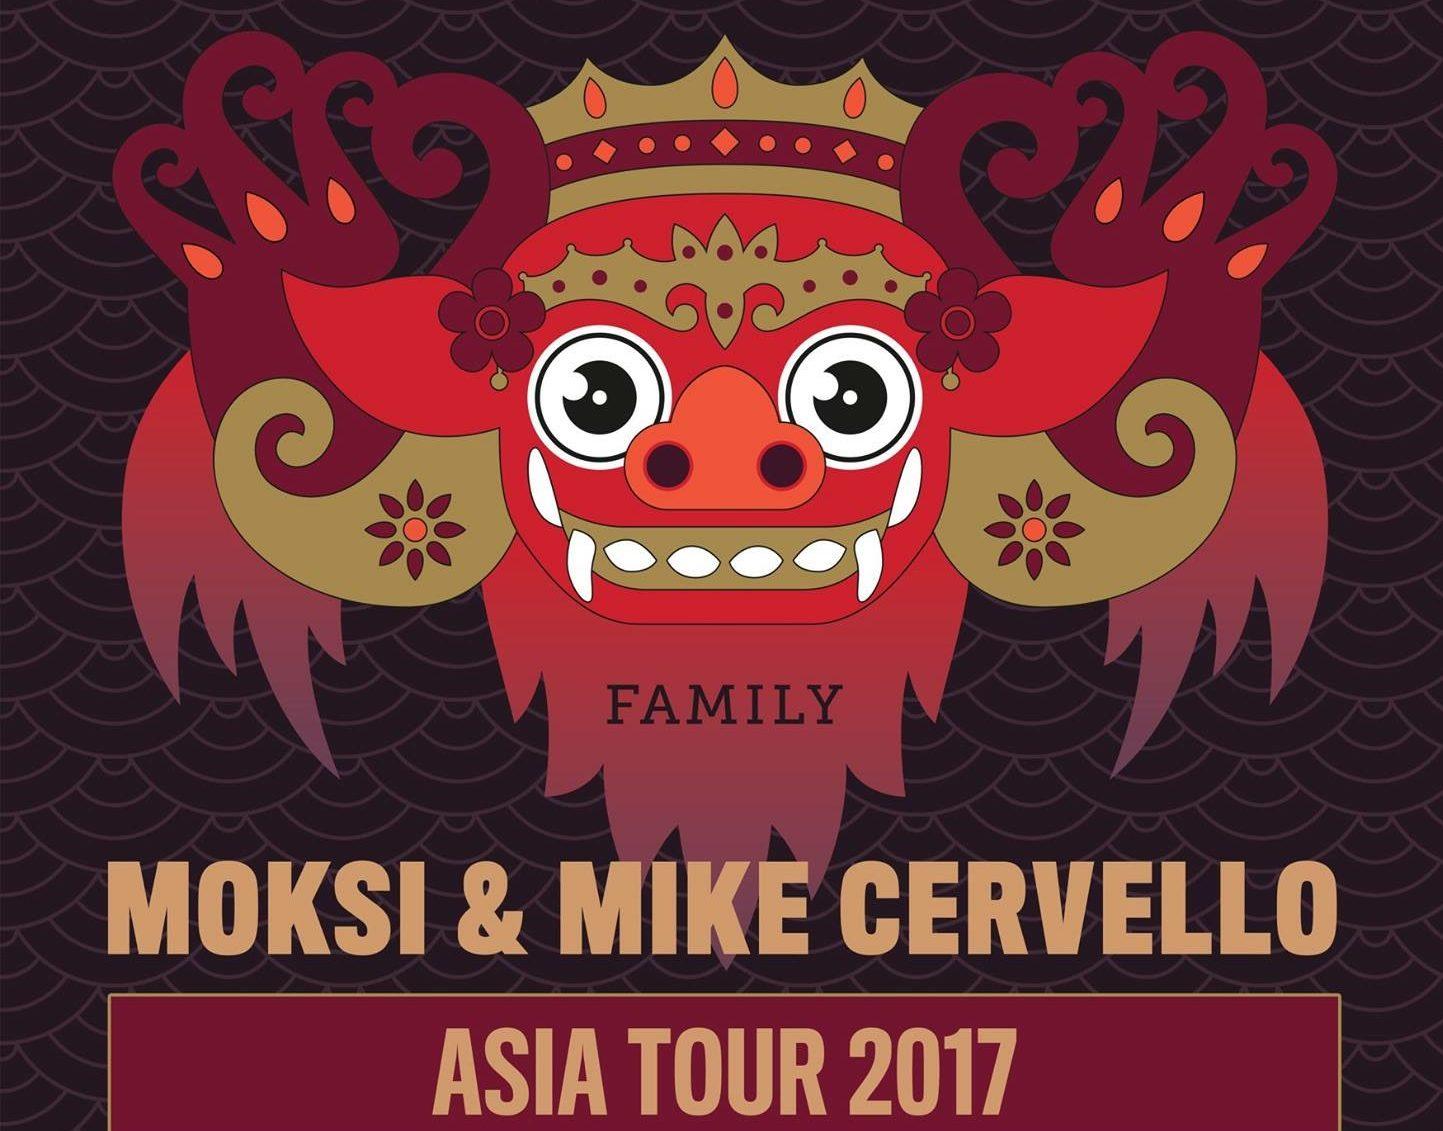 「Barong Family」ツアーが日本で実現!MoksiとMike CervelloがダブルヘッドライナーとしてageHaに登場!